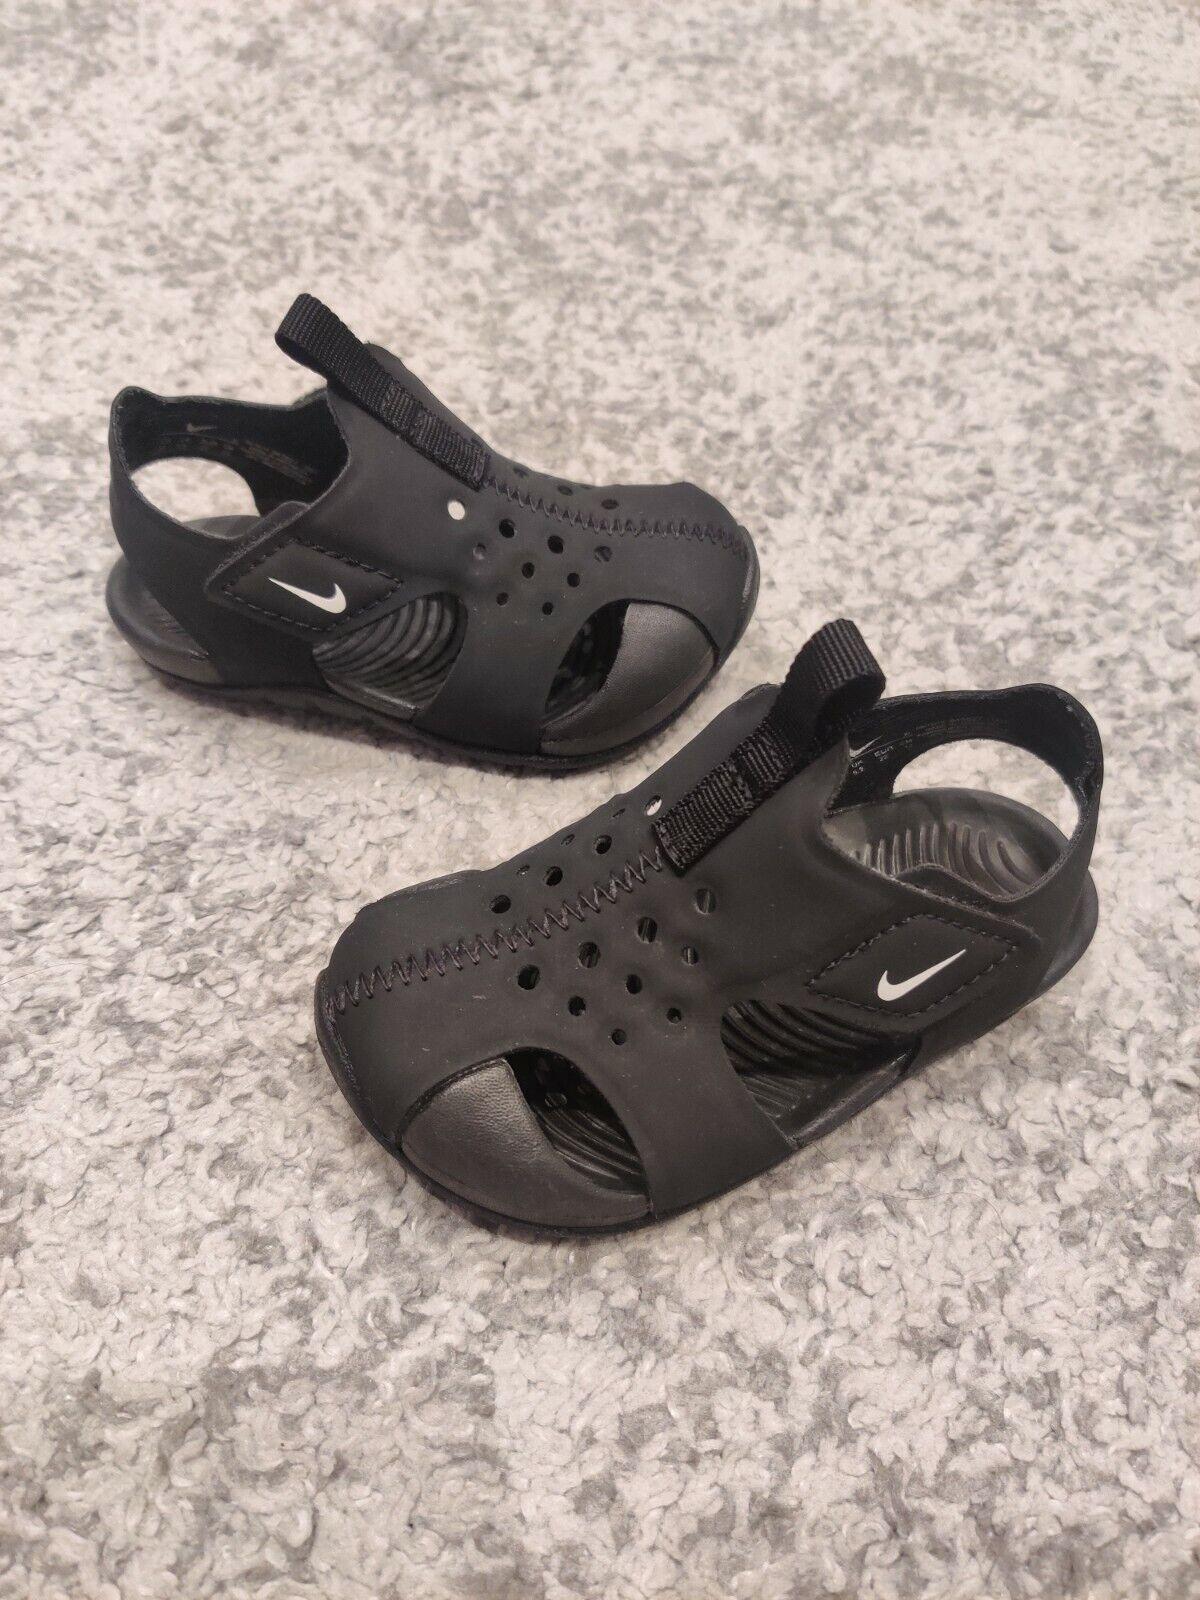 Probar biografía de ahora en adelante  Nike Sunray Protect Toddler Sandals UK 5.5 EU 22.5 Ch10 24 for sale | eBay